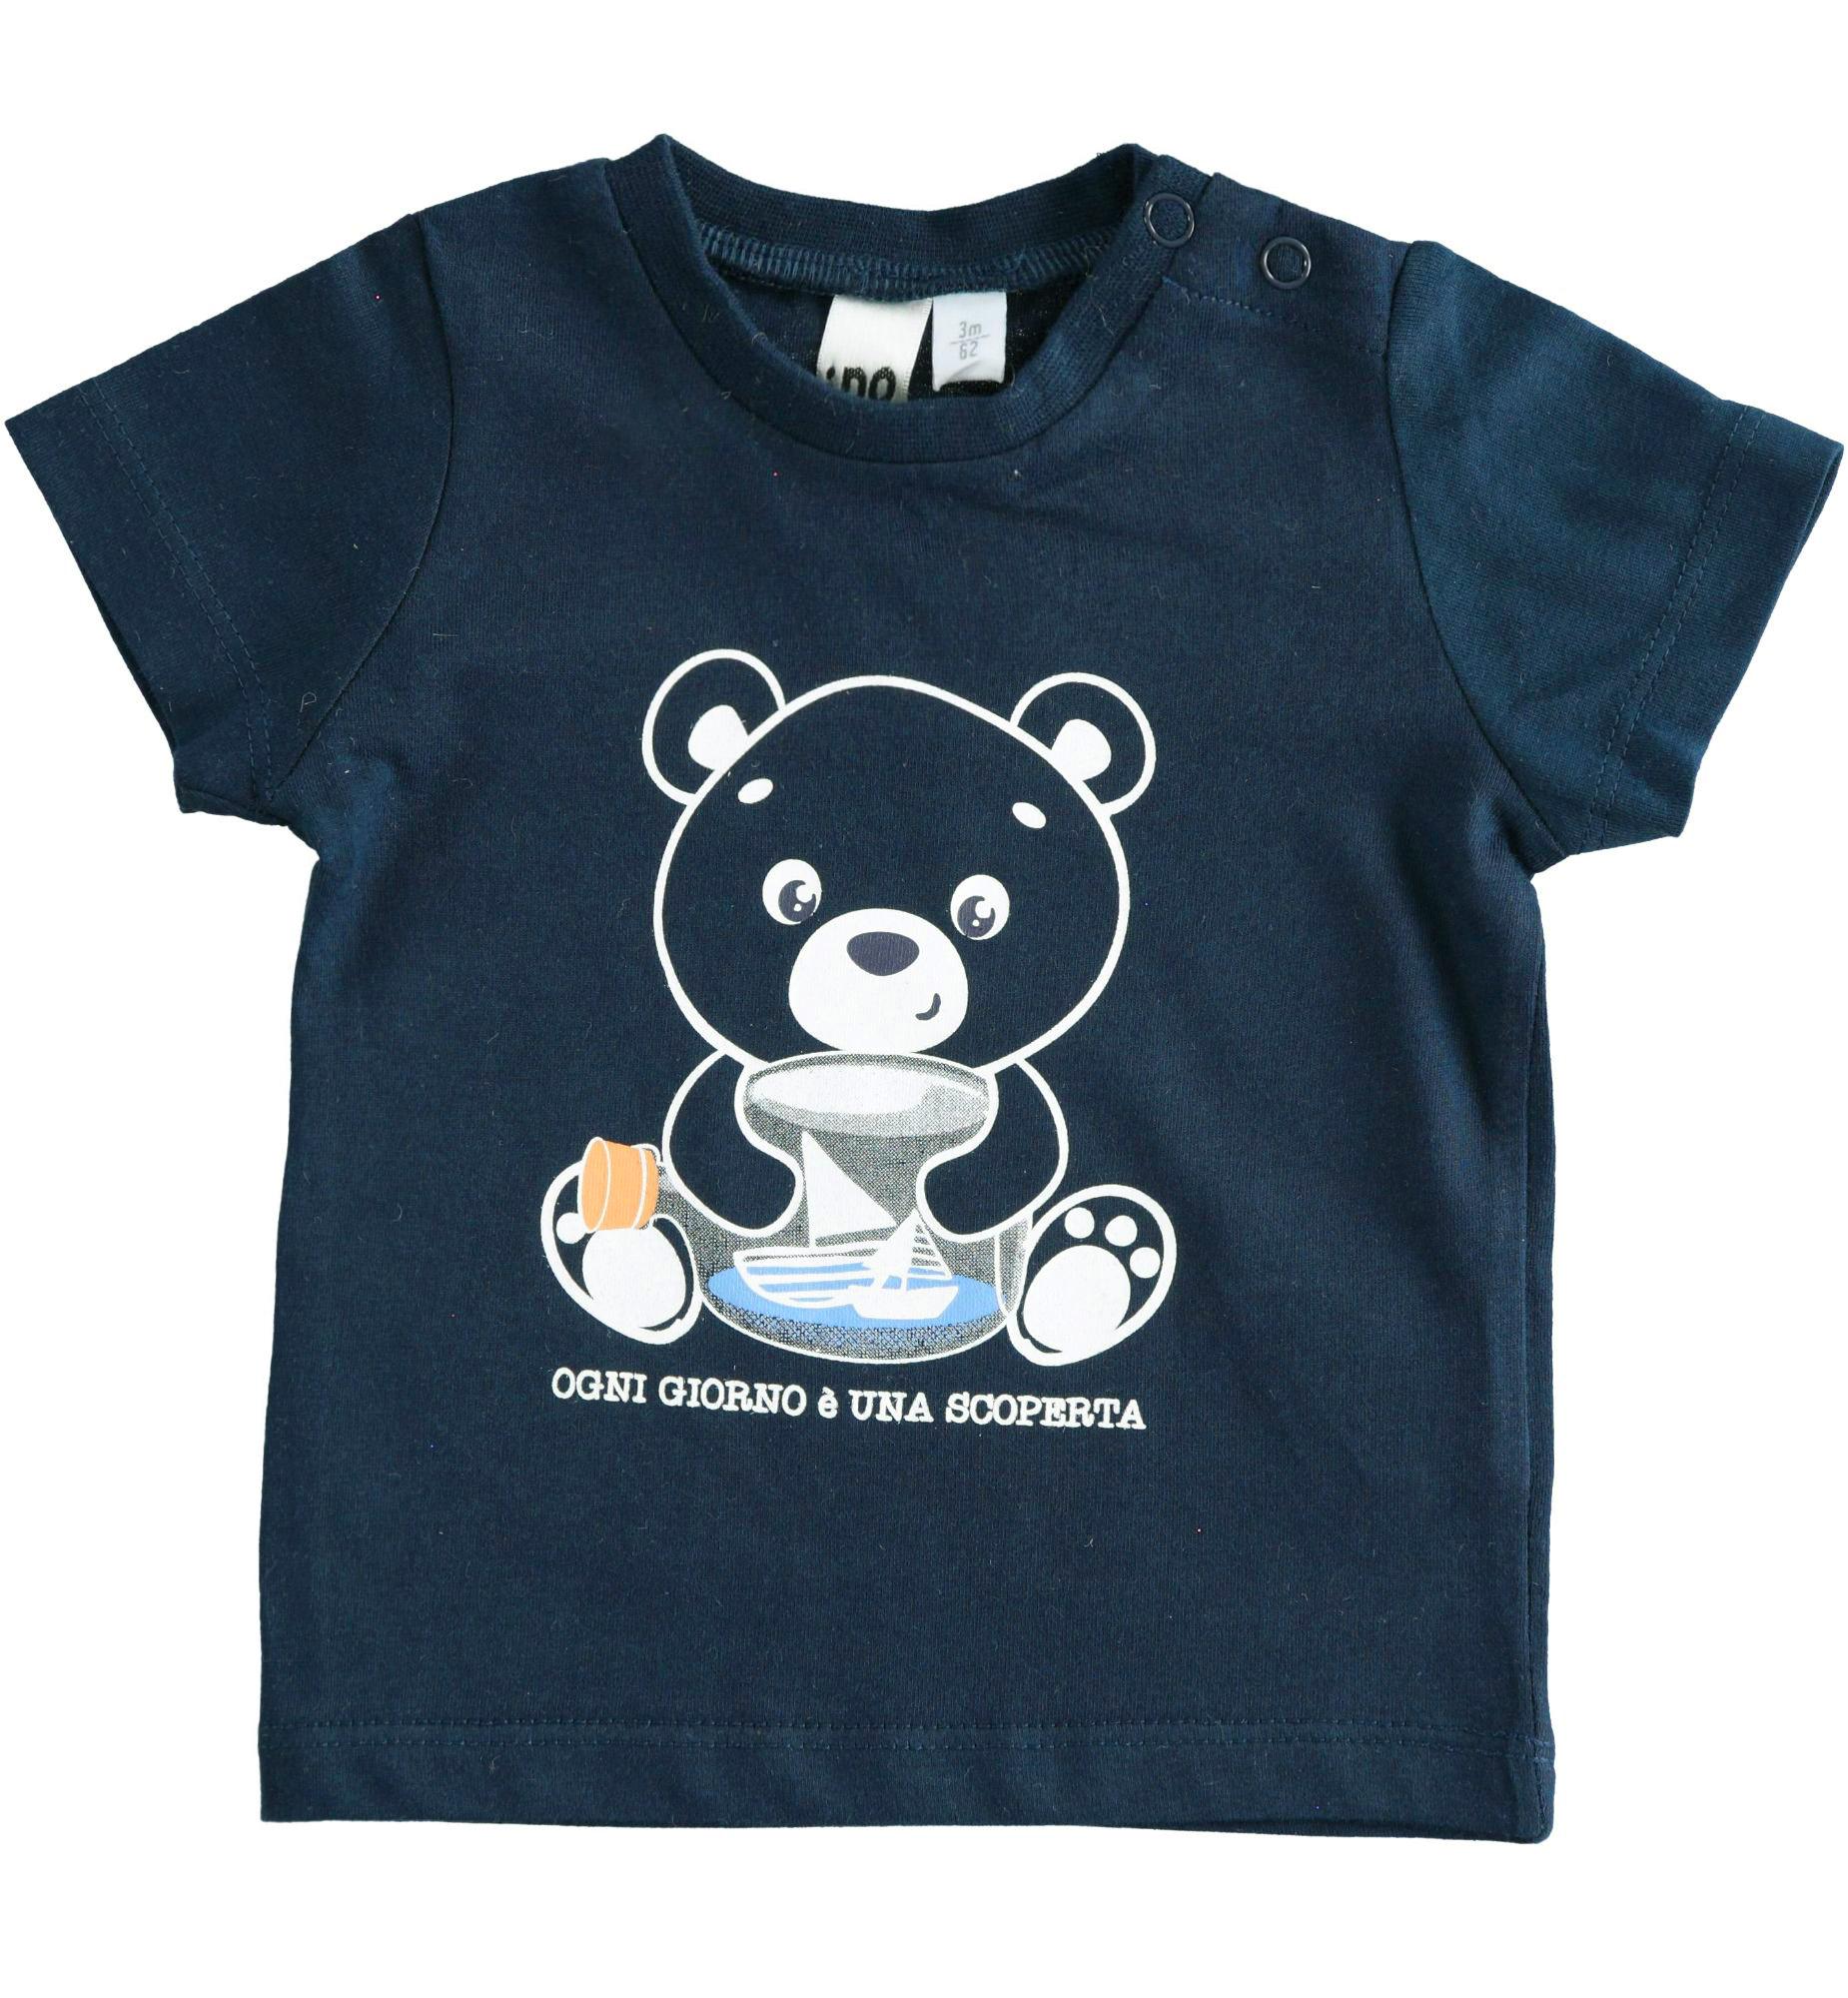 Kisfiú újszülött kék macis pamut póló